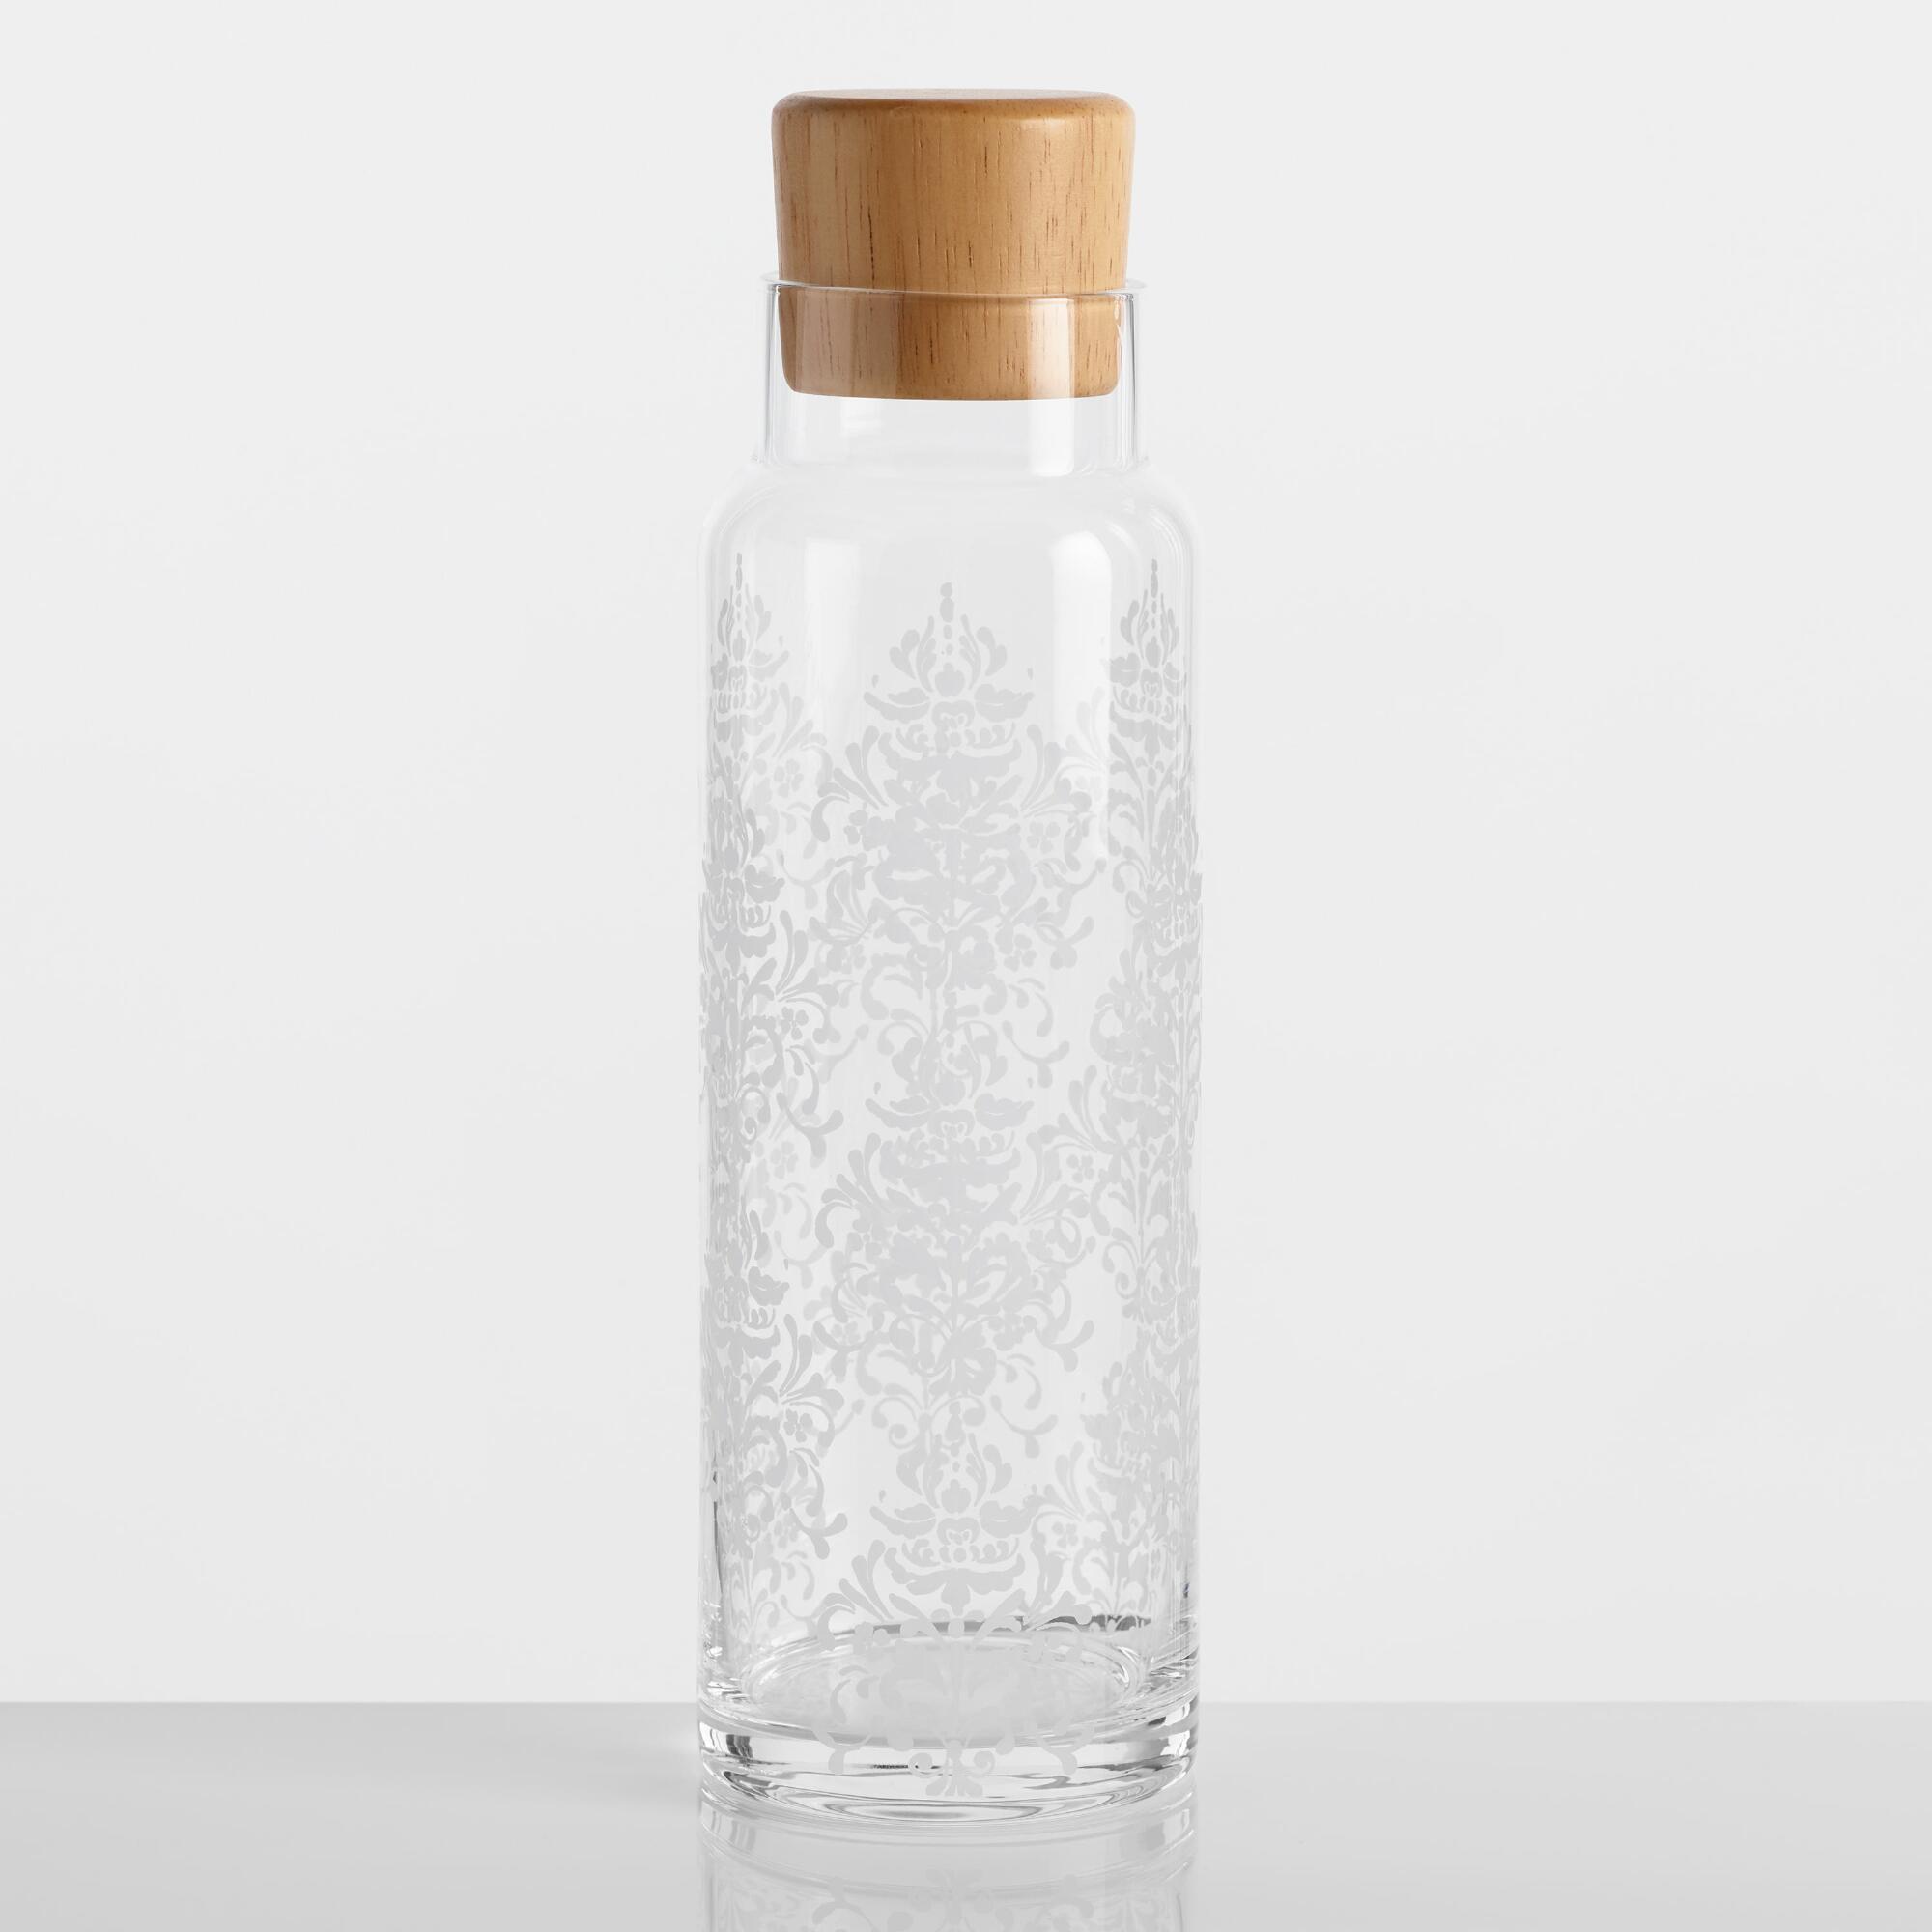 Sanctuary Glass Bottle